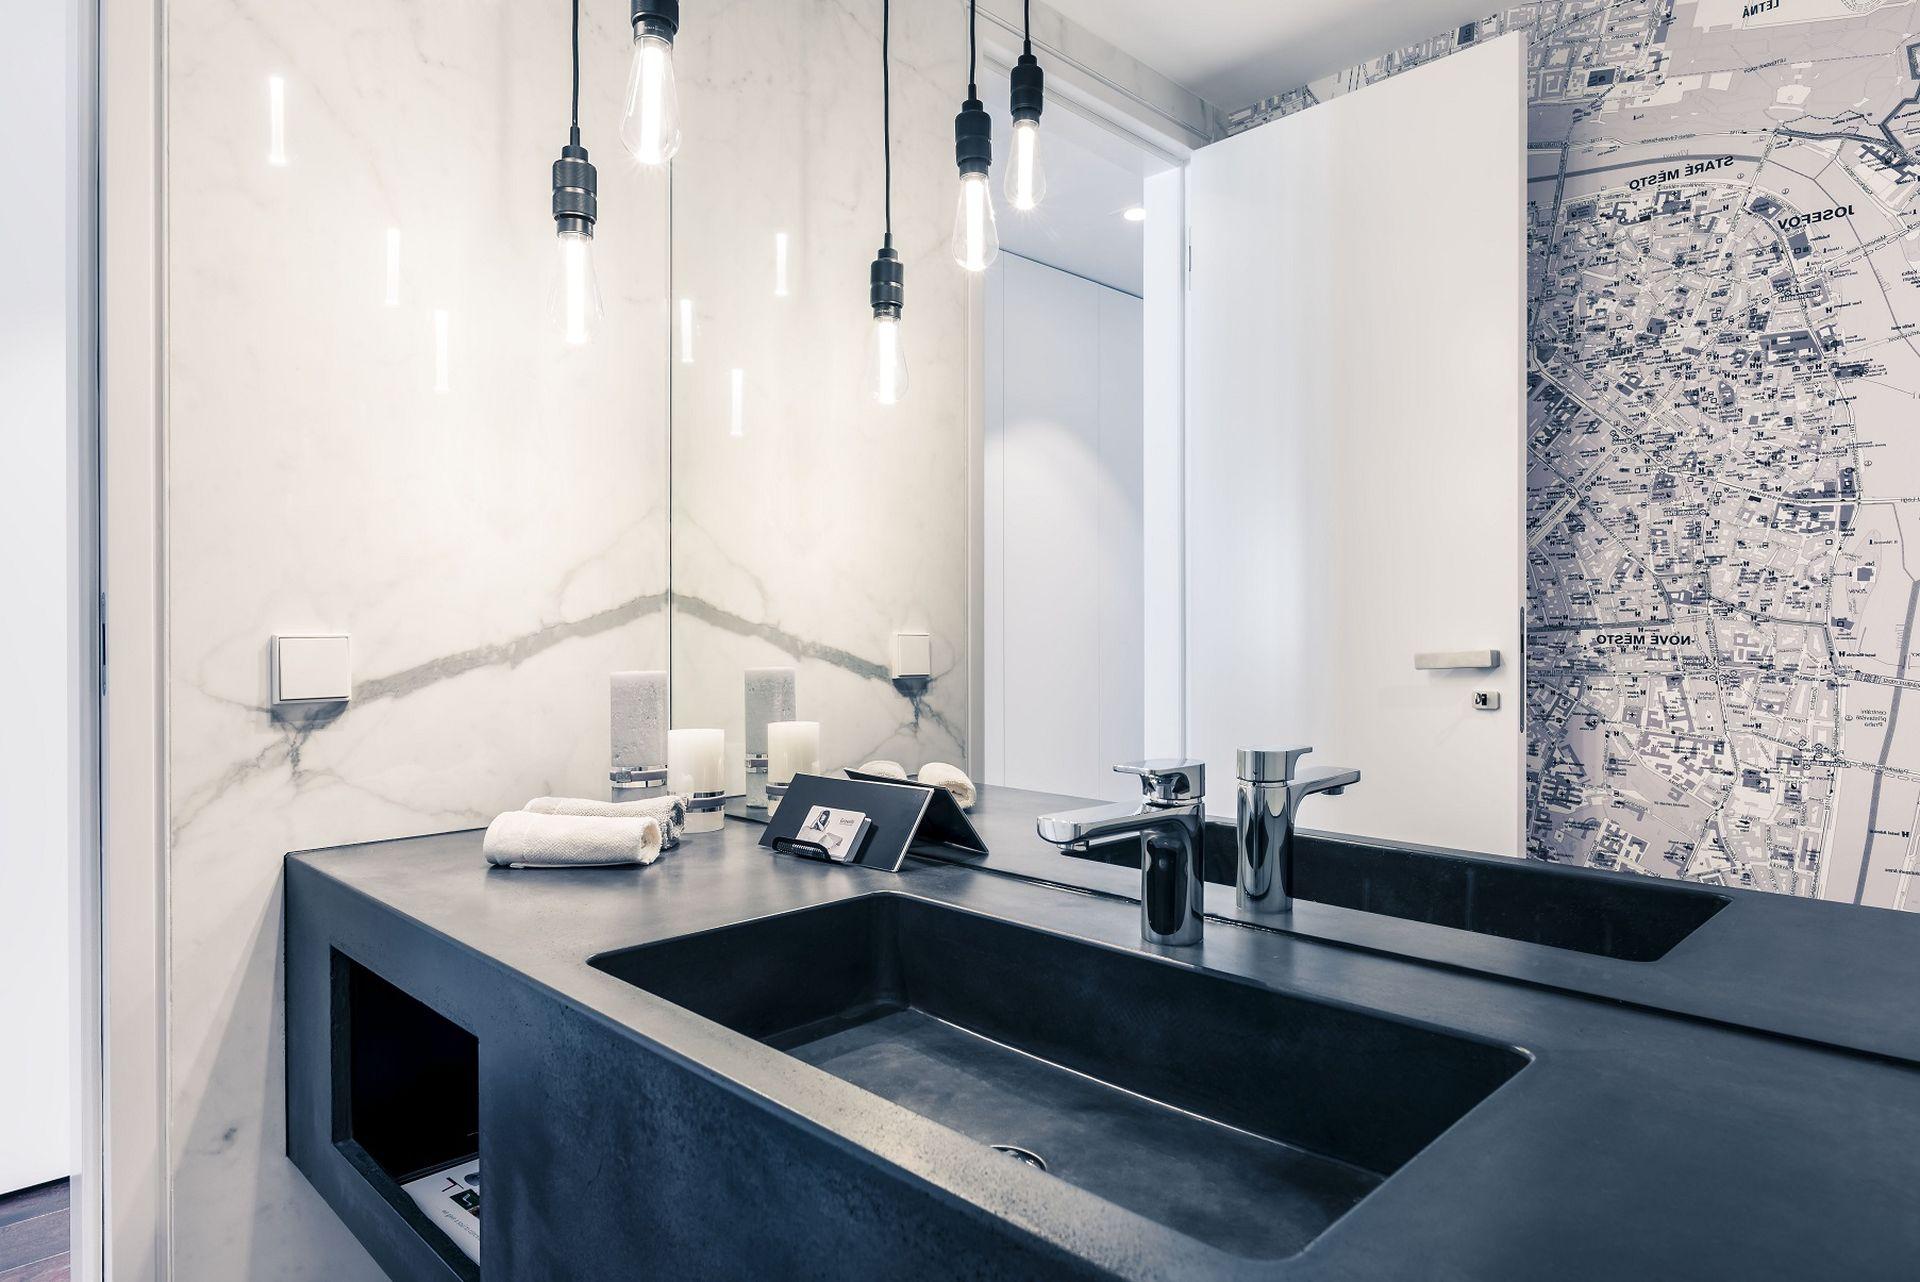 Loft modèle, salle de bain, Sacre Courte 2, SATPO